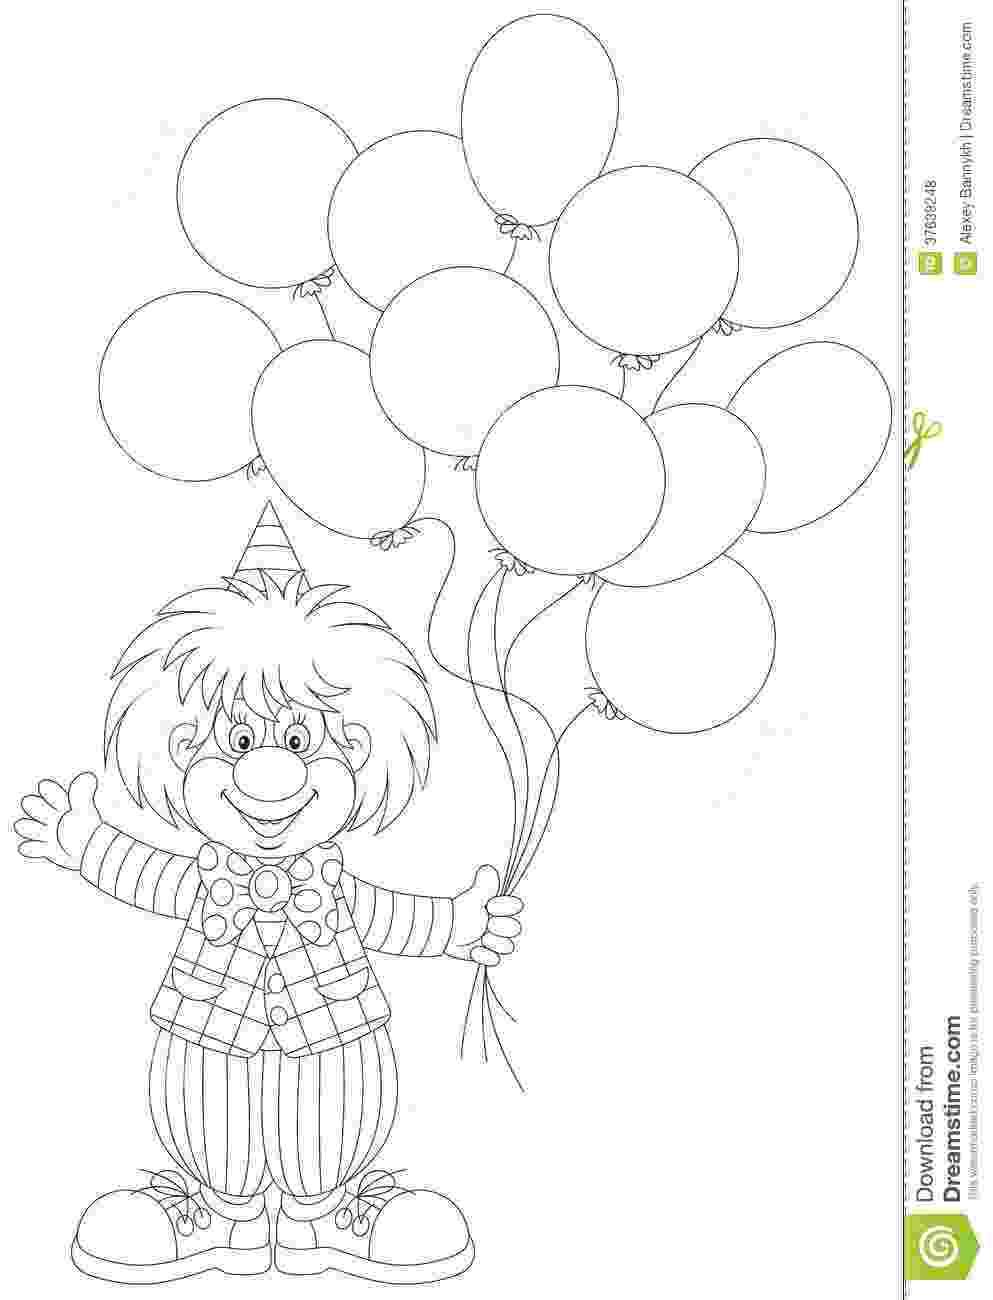 imagenes de payasos con globos para colorear imagenes de payasos con globos para colorear imagui con globos imagenes payasos para colorear de